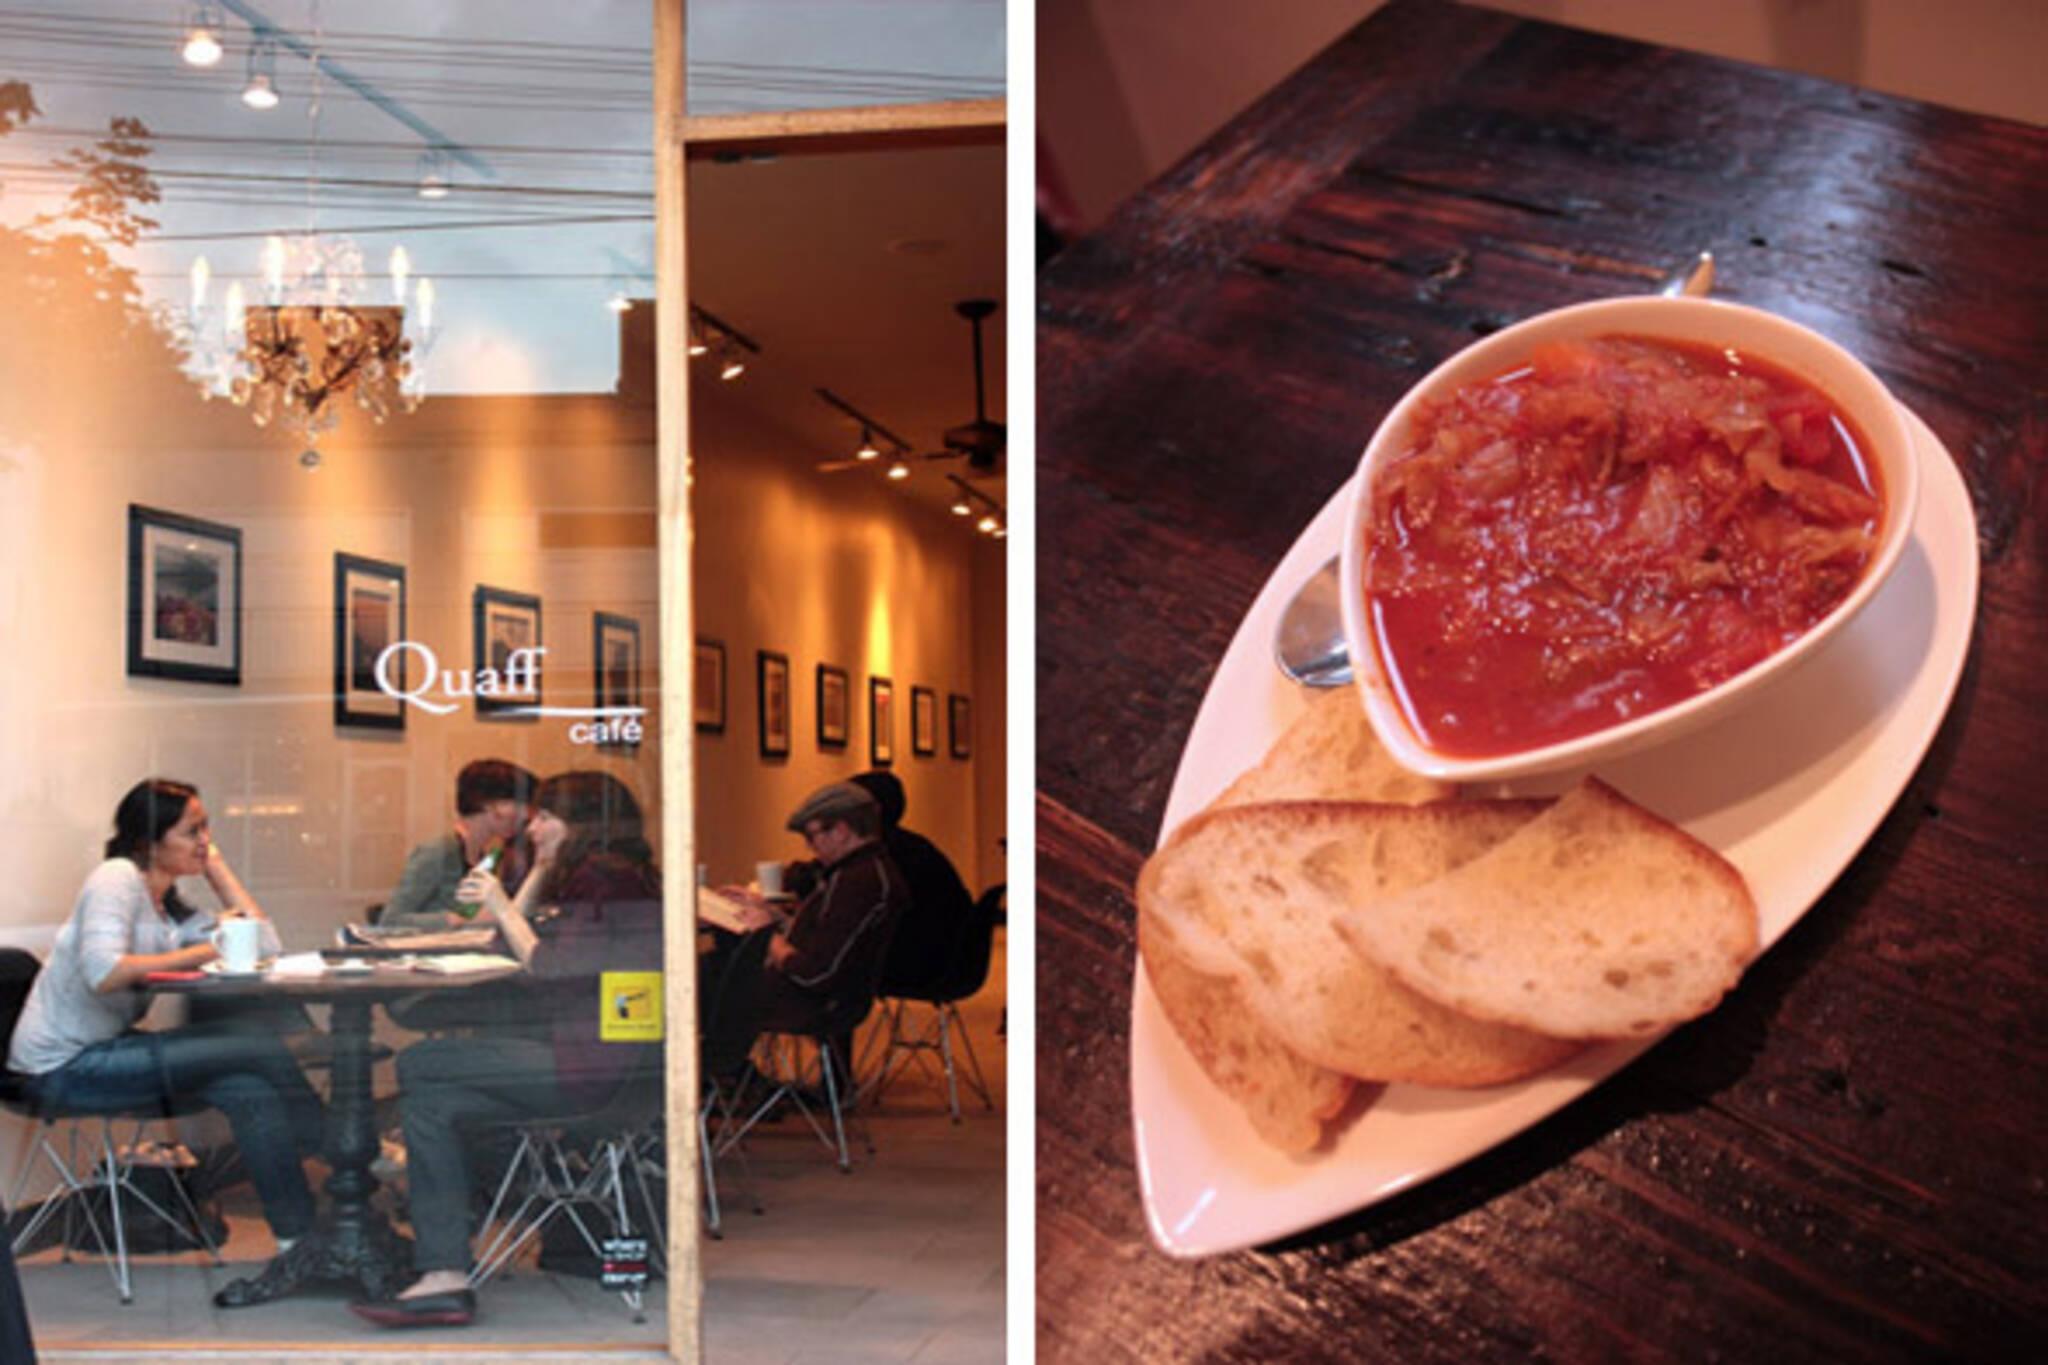 Quaff Cafe